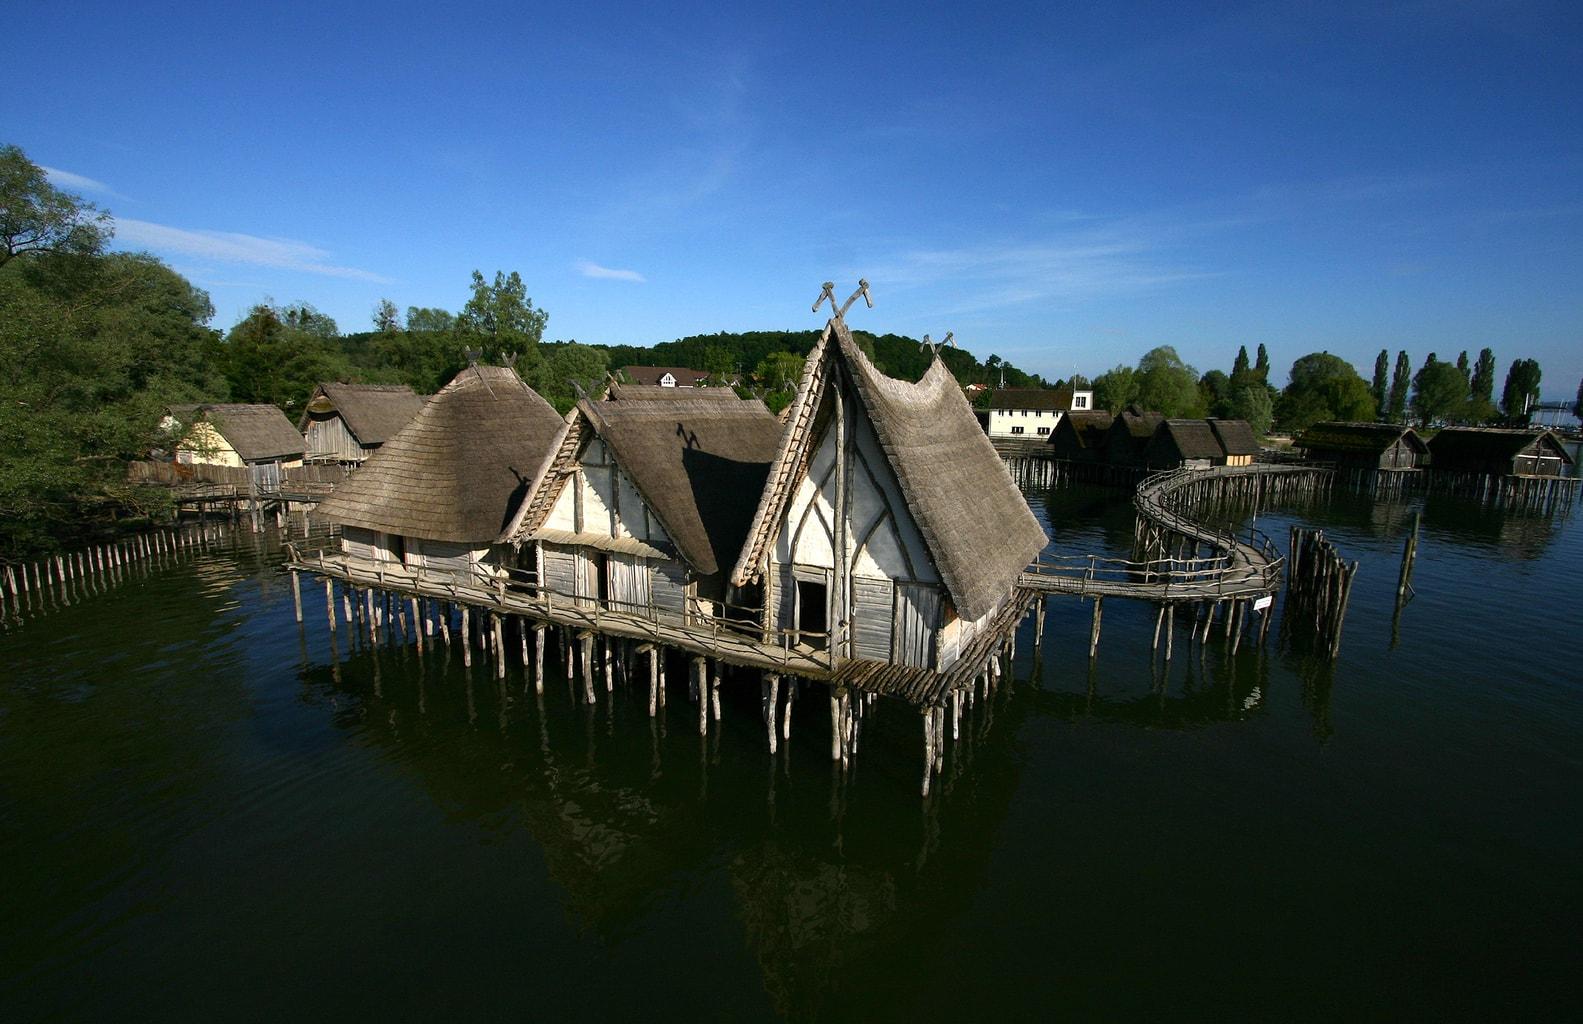 huizen uit de steentijd en de bronzetijd boven de Bodensee in het Pfahlbaumuseum in Unteruhldingen